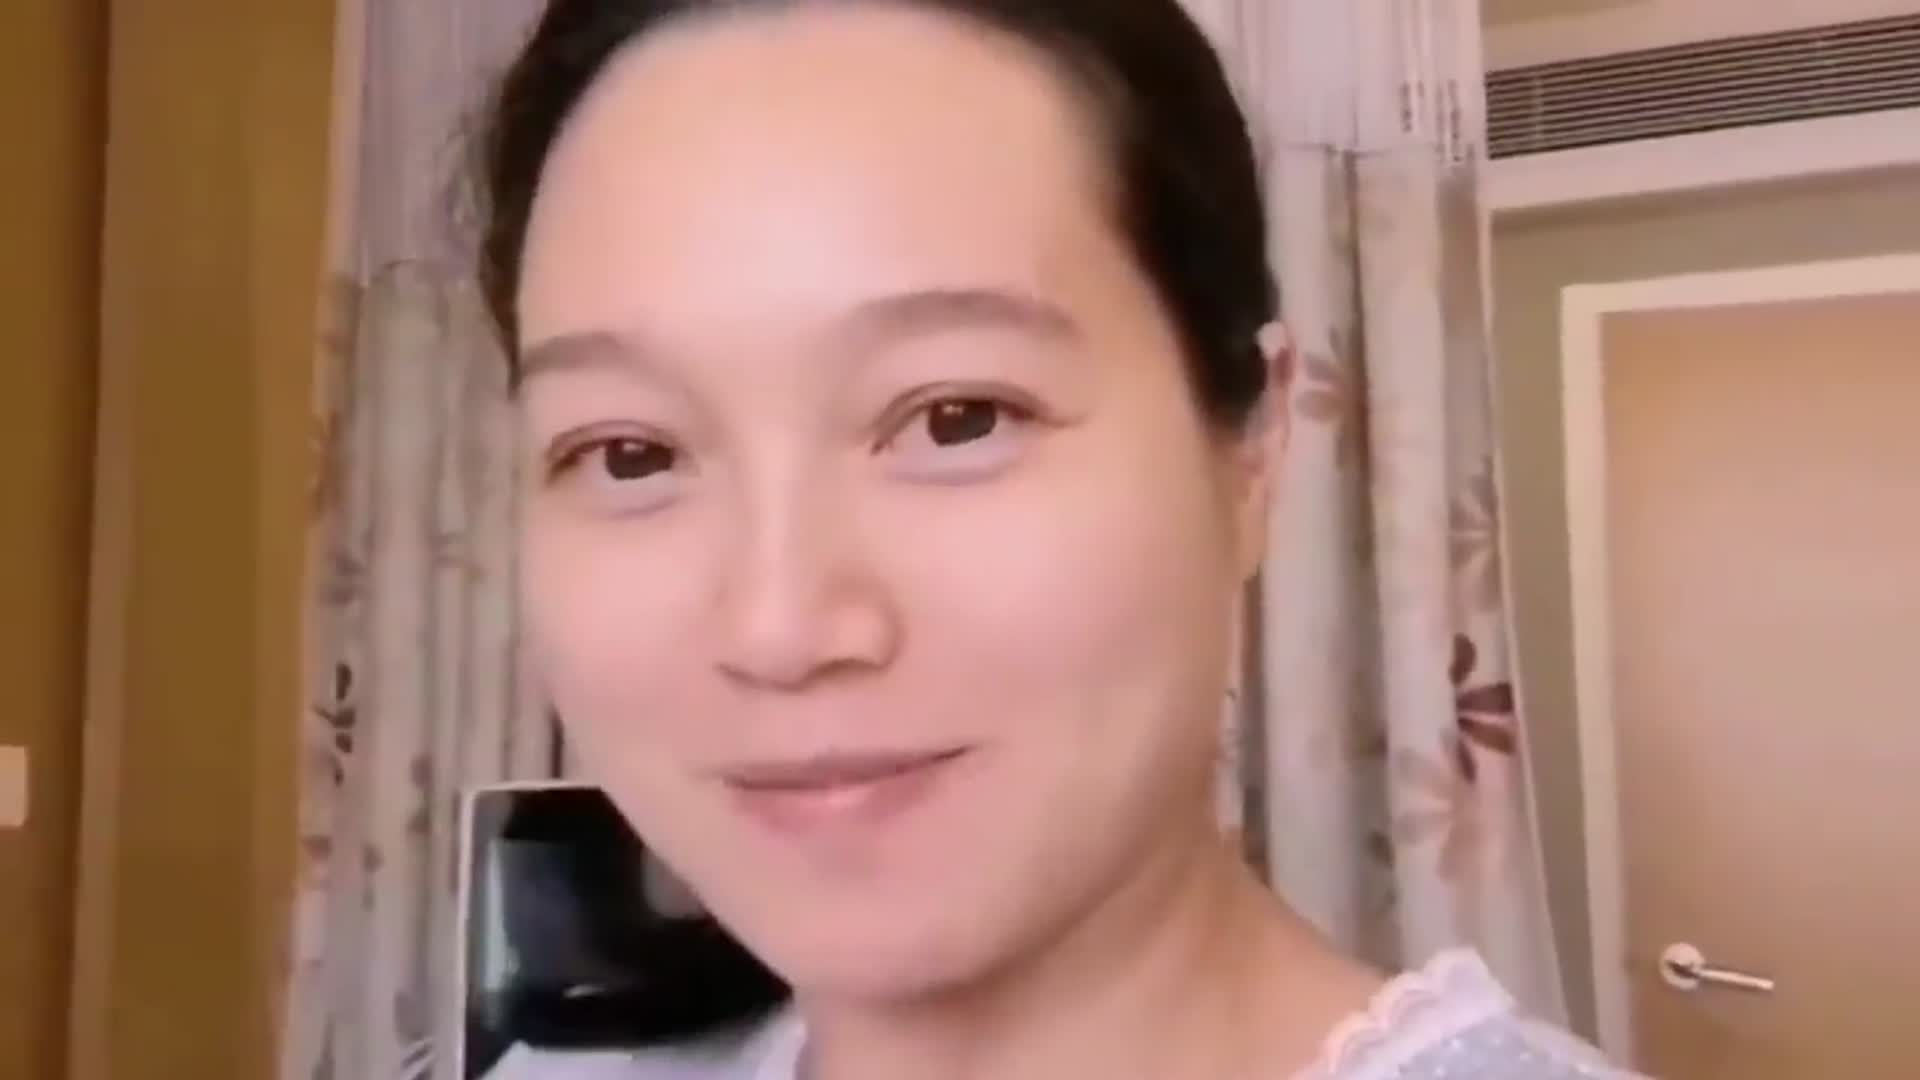 朱丹晒孕期照片, 素颜脸部浮肿, 二胎妈妈太拼了